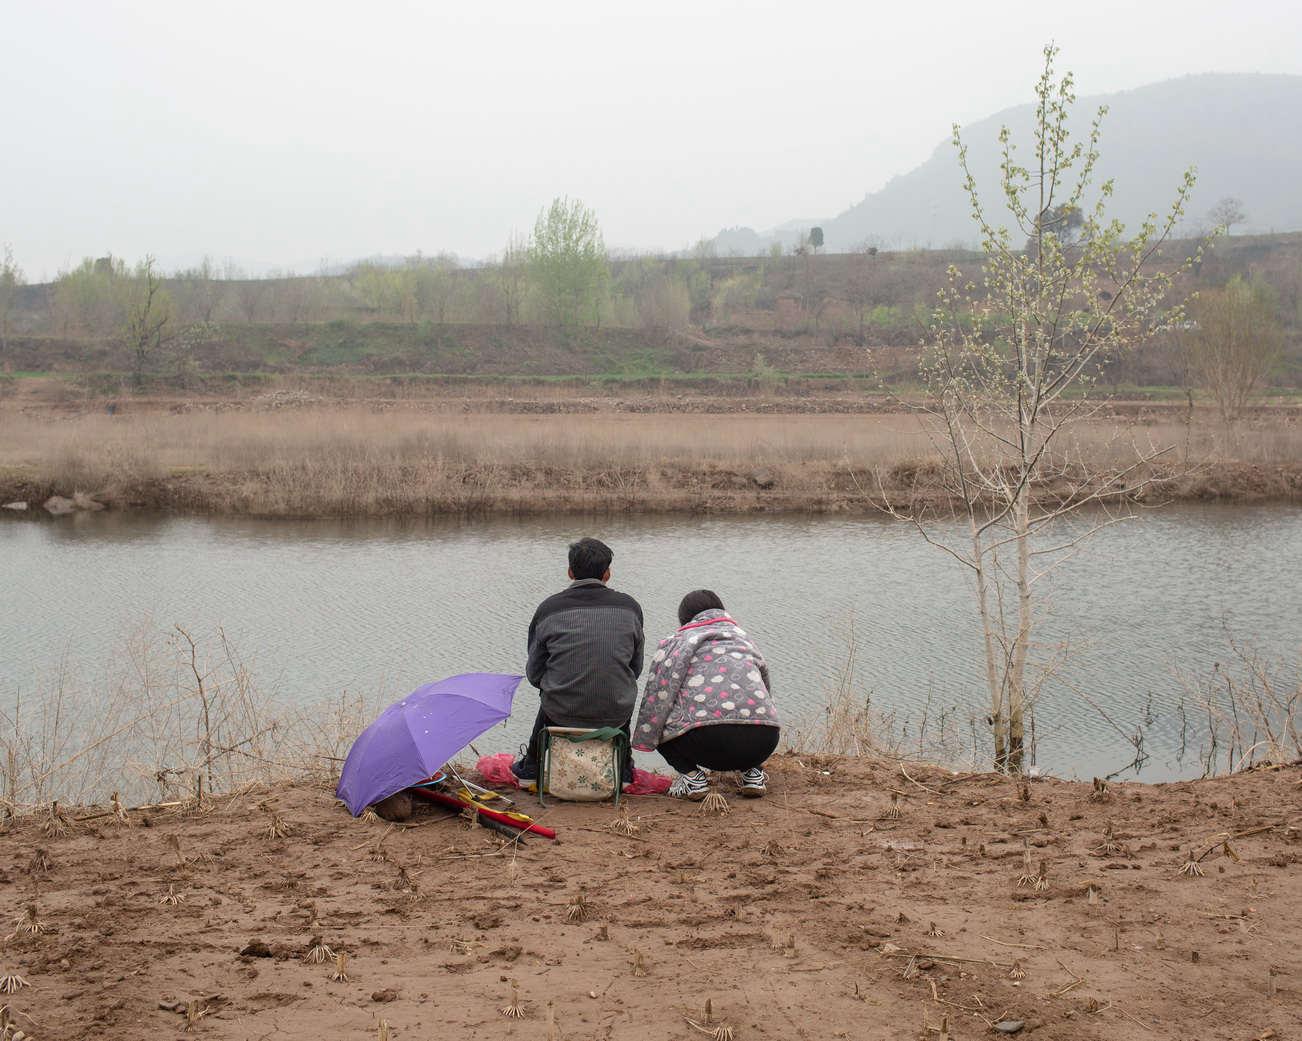 18 黄河三峡支流,陪爱人钓鱼的情侣,《黄河厚土》系列.jpg